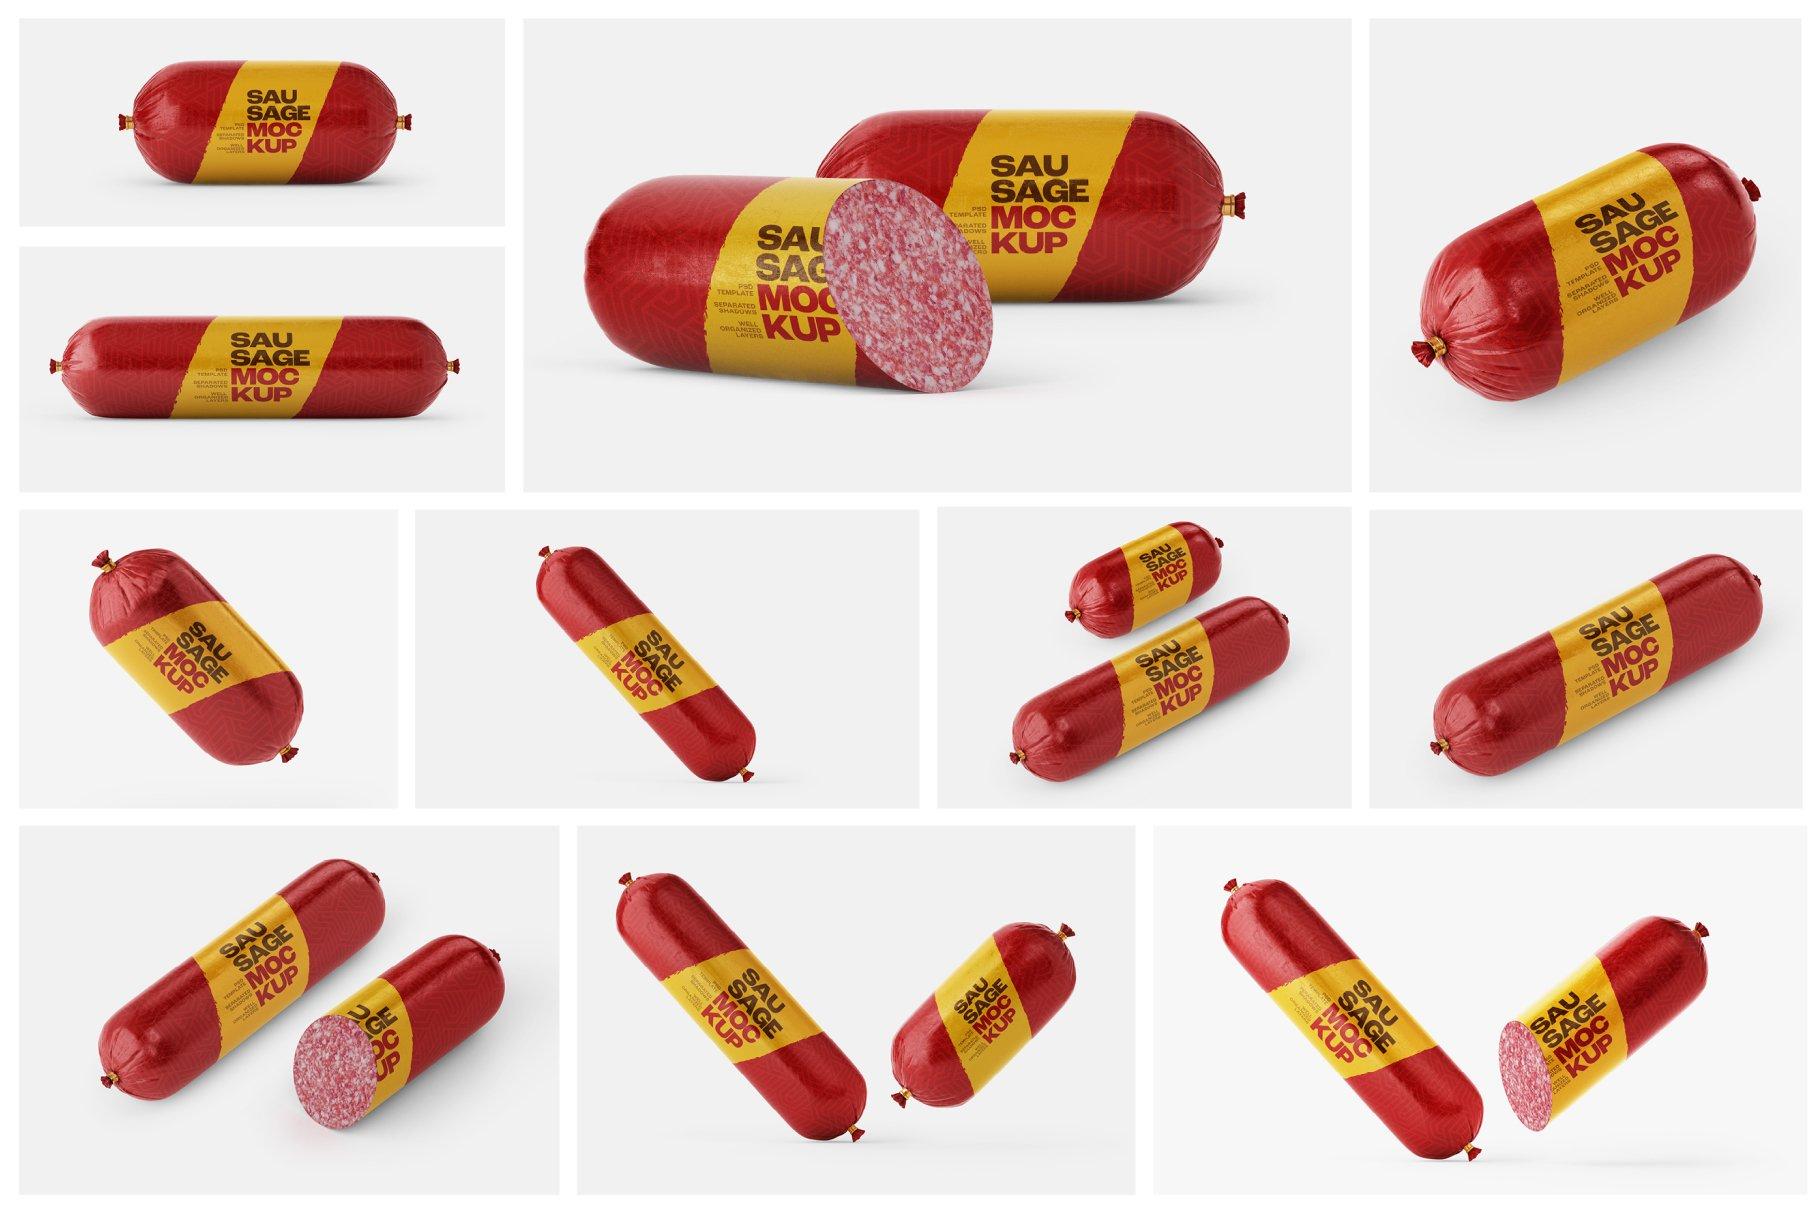 11款火腿肠香肠密封塑料袋设计展示贴图样机合集 Sausage Chub Mockup Set插图1